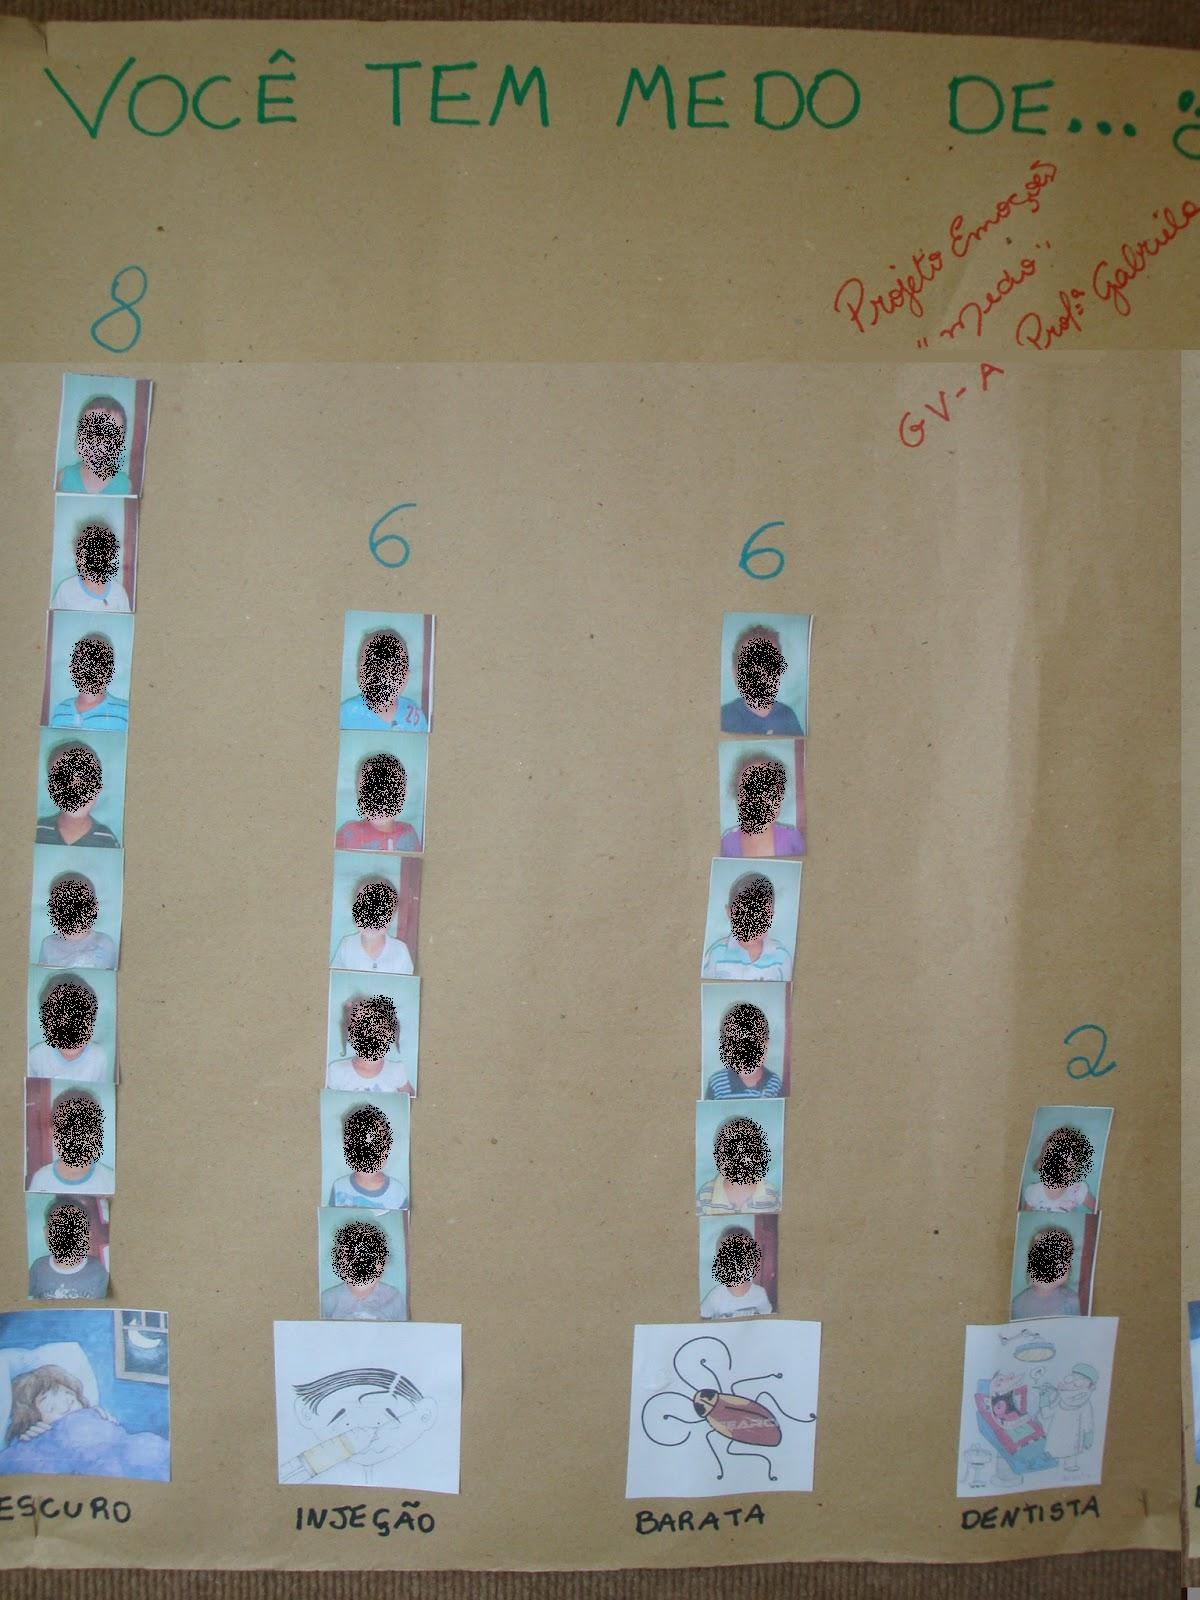 #3E668D  sonhos na Educação Infantil: Gráfico do medo. Projeto emoções 1200x1600 px Projeto Cozinha Na Educação Infantil_4295 Imagens